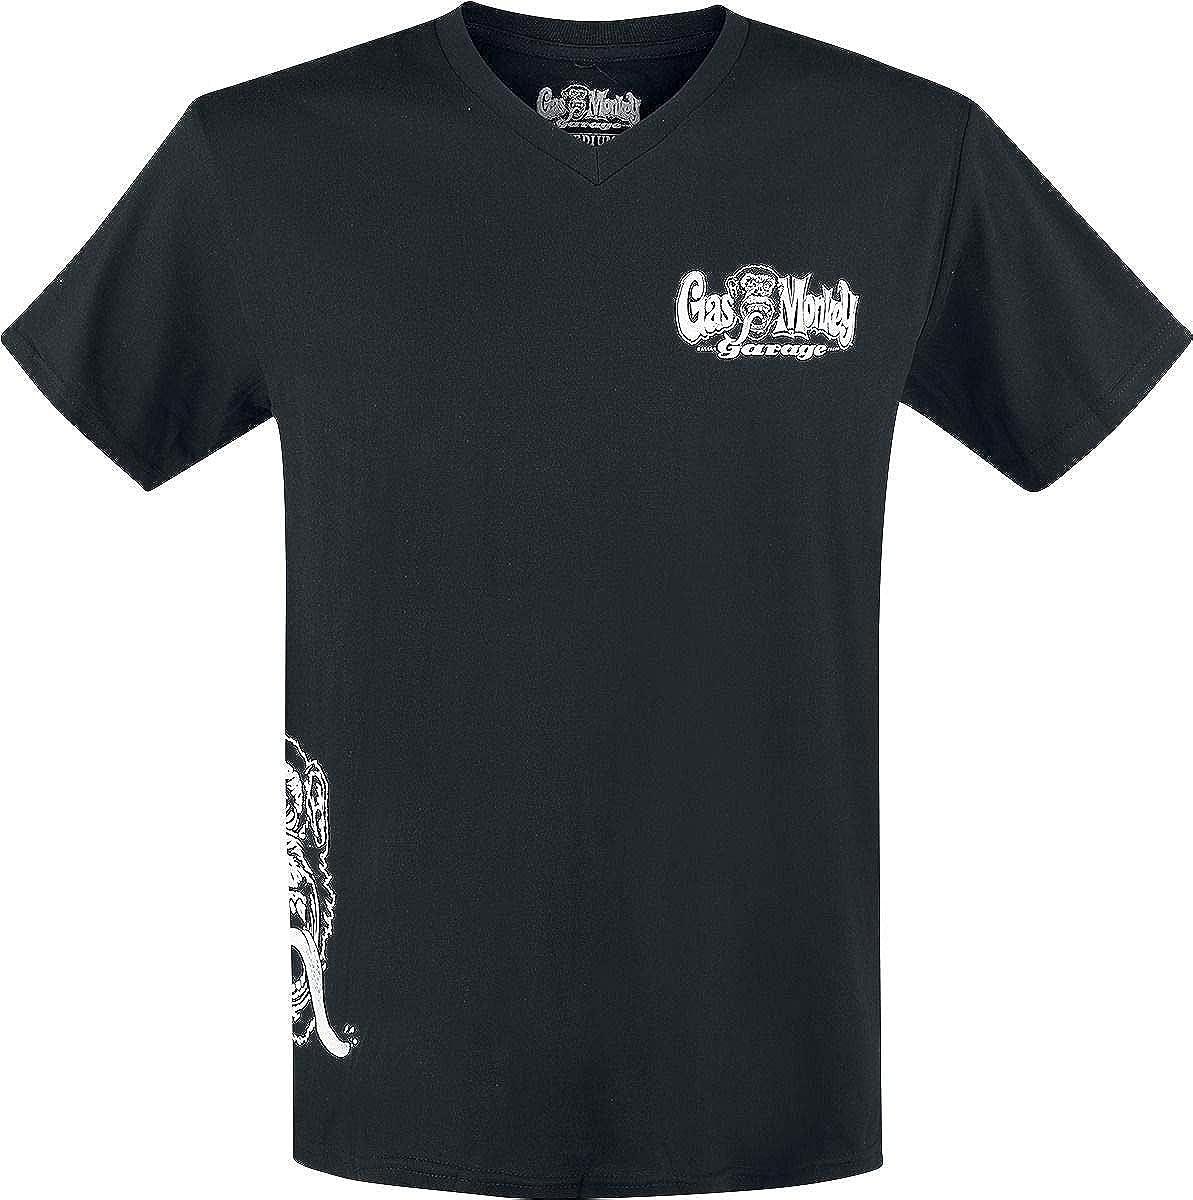 137aef8f5681bb Gas Monkey Garage Side Monkey T-Shirt Black: Amazon.co.uk: Clothing